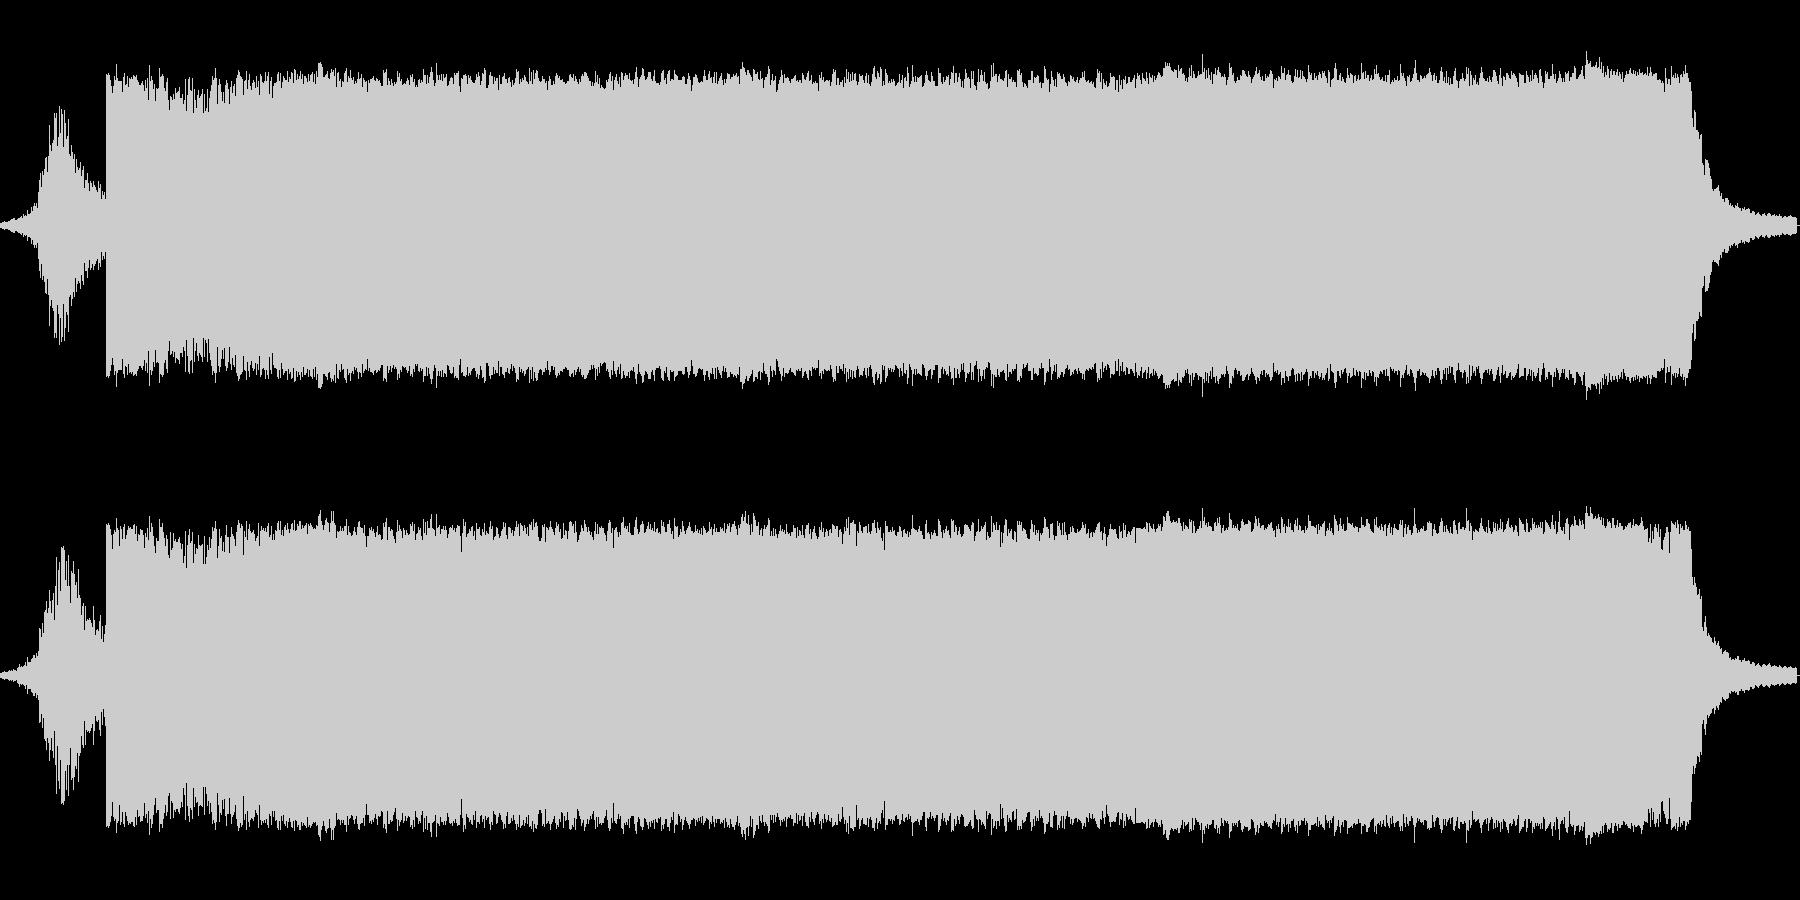 とにかく明るく派手に元気が出るオープニ…の未再生の波形